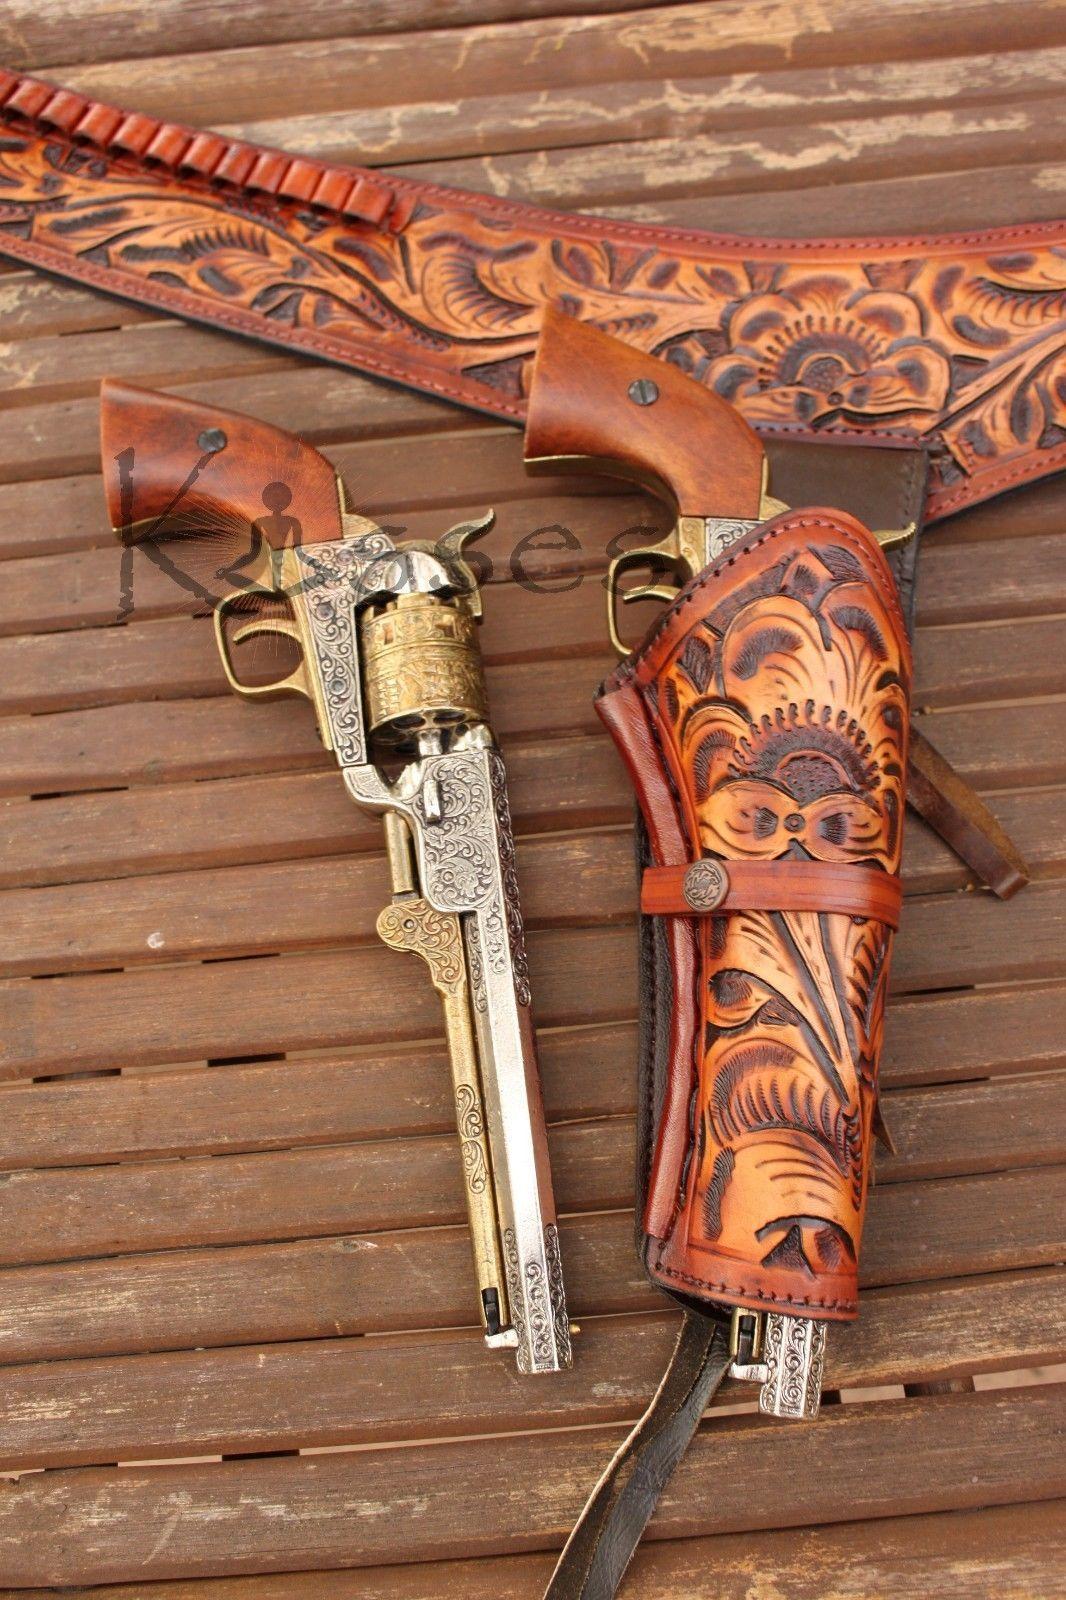 Nuevo 44 45 Cal Con Herramientas Cartuchera Pistola Cinturón Gota Lazo de  Cuero Occidental Rig Sass 36